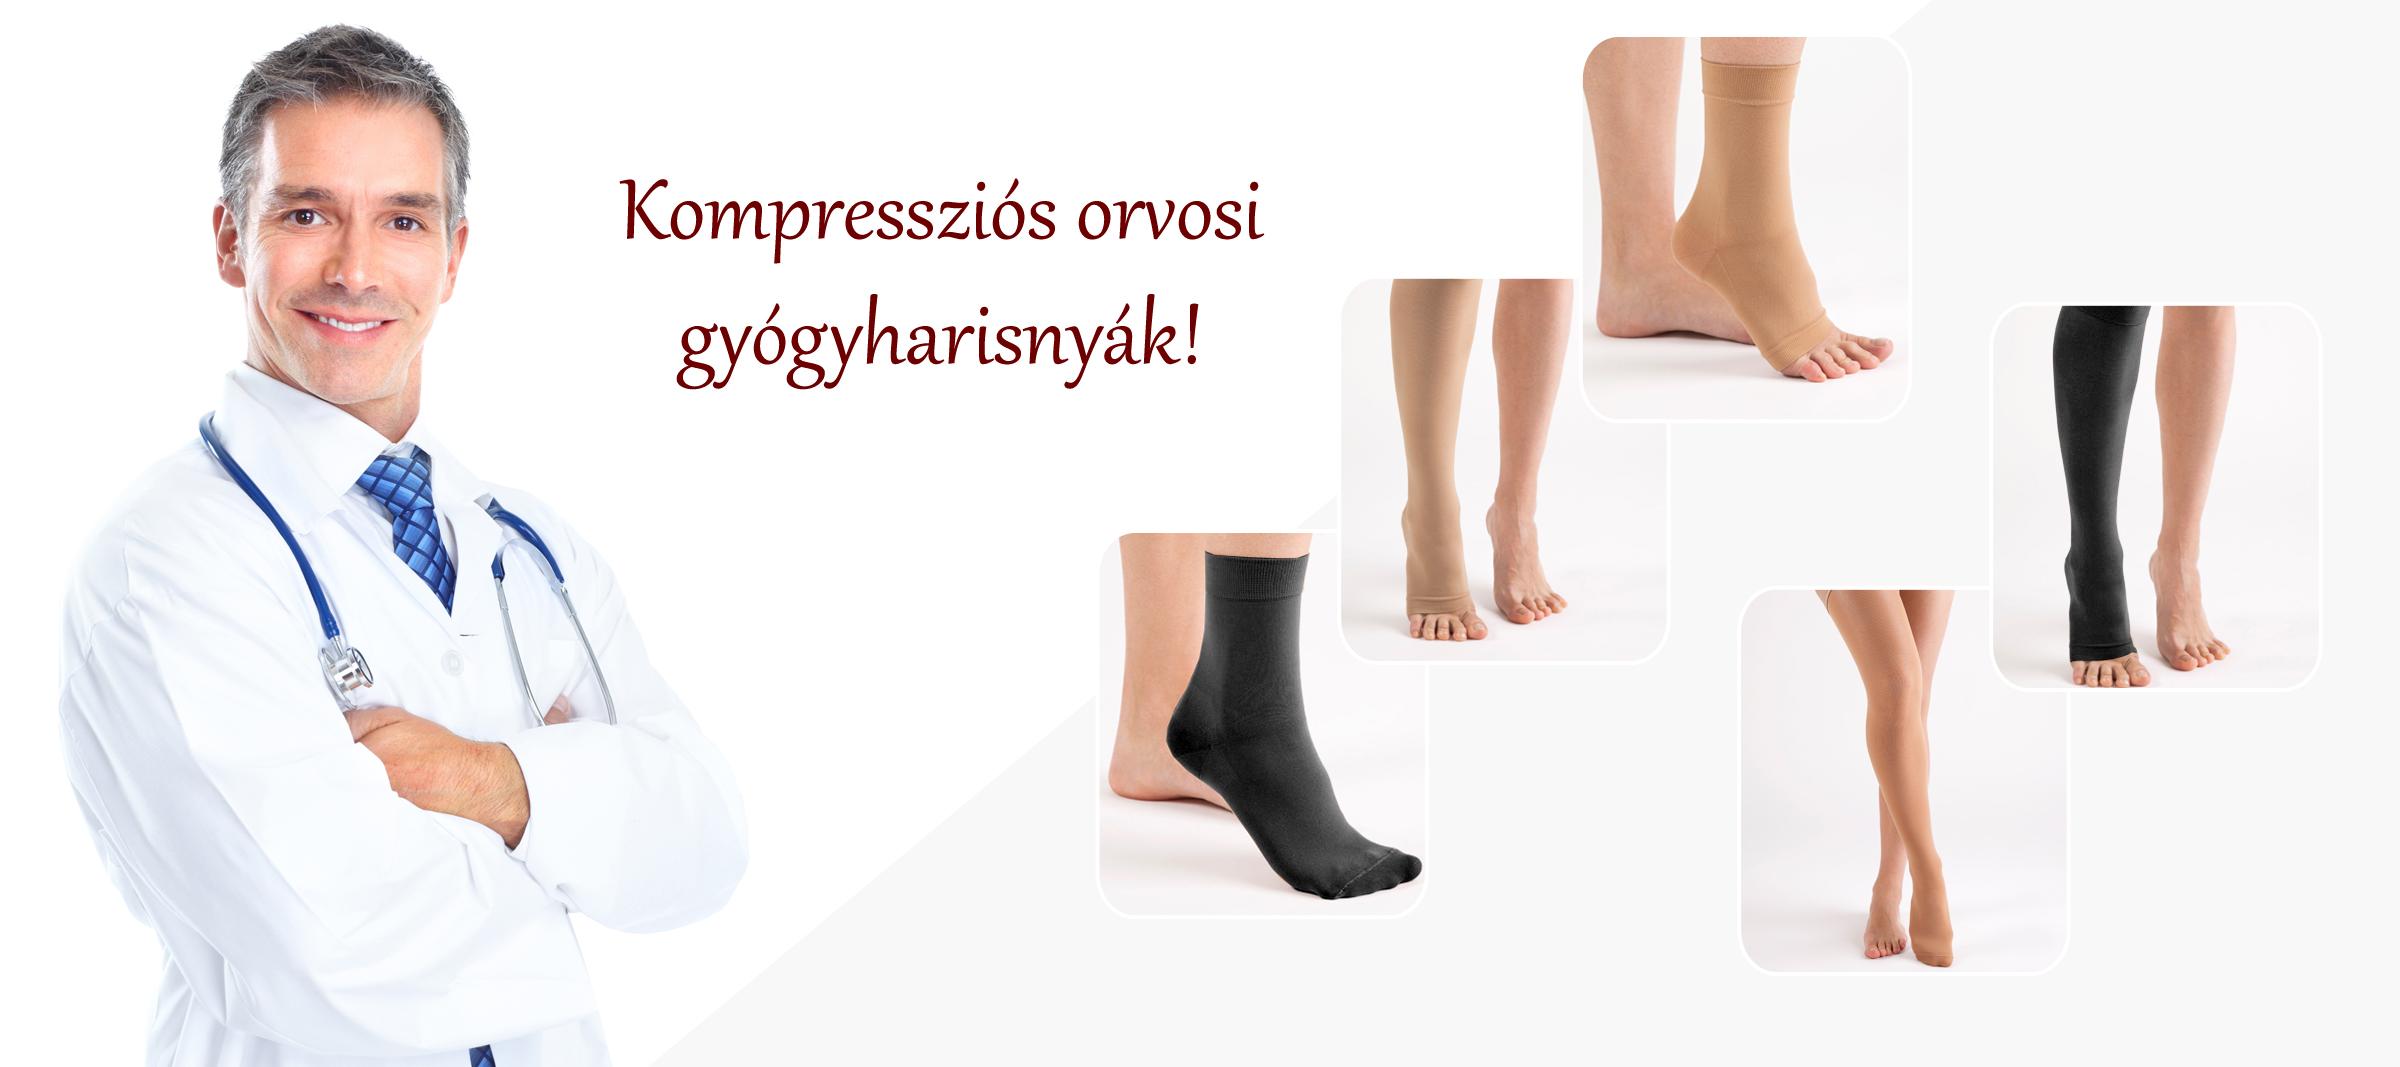 hogyan viseljünk kompressziós harisnyát visszerek esetén)